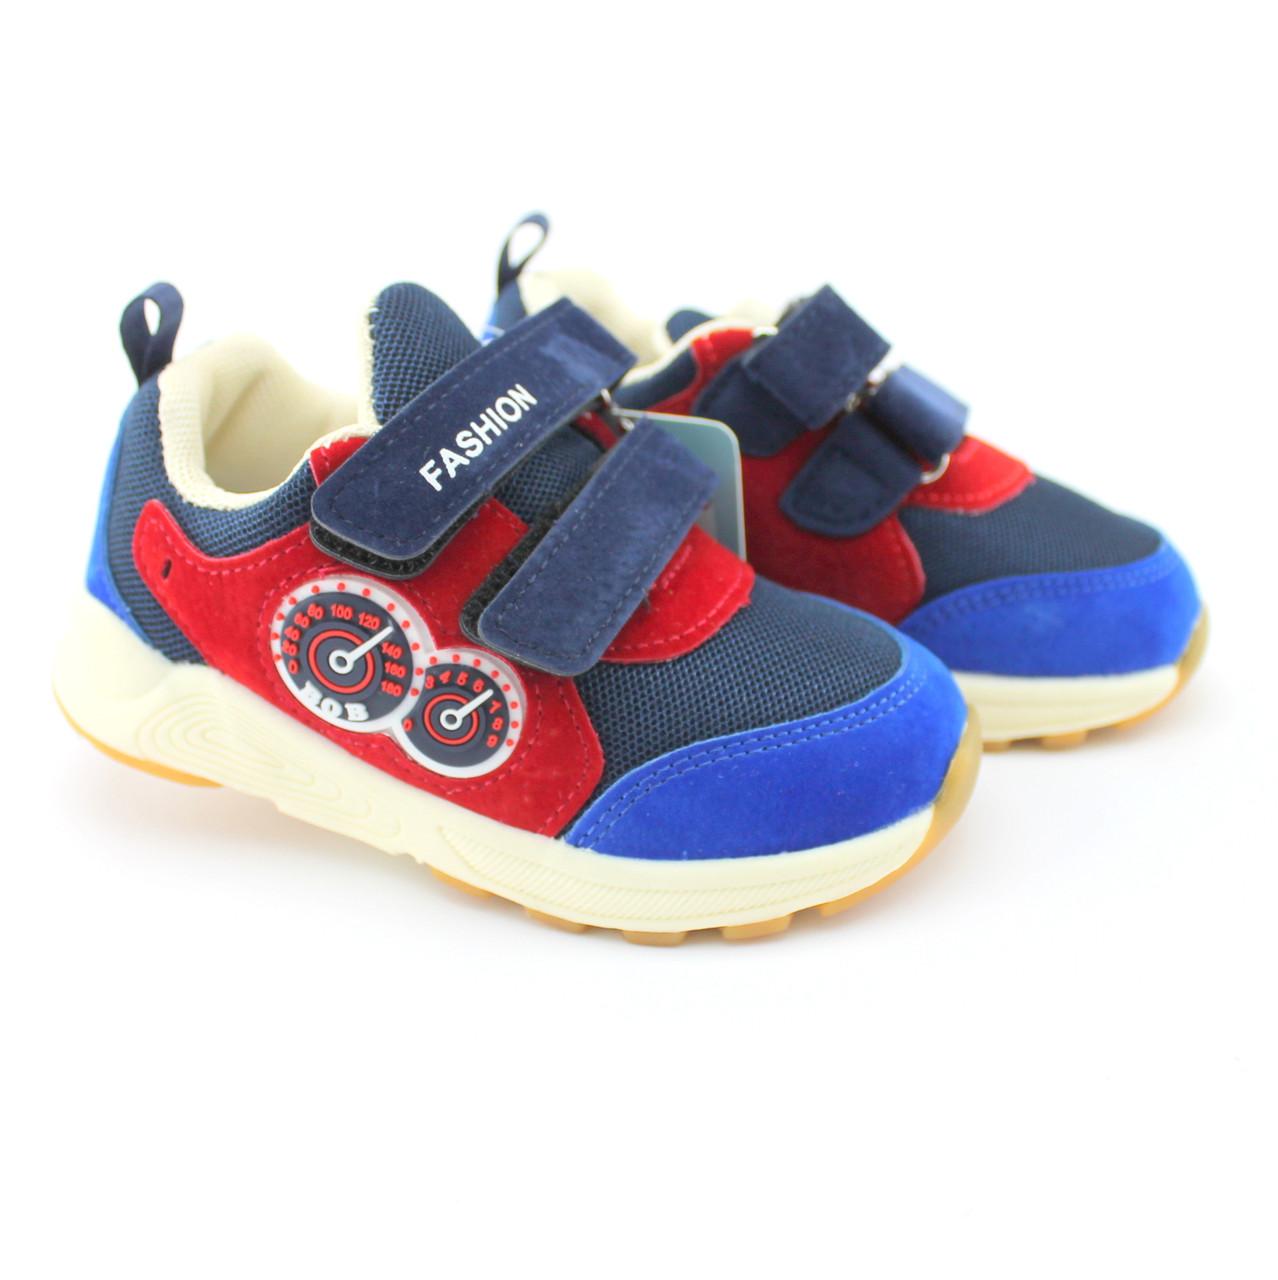 686e1f9d Детские кроссовки для мальчика Гонки тм ТОМ.М размер 21,22,23, цена ...